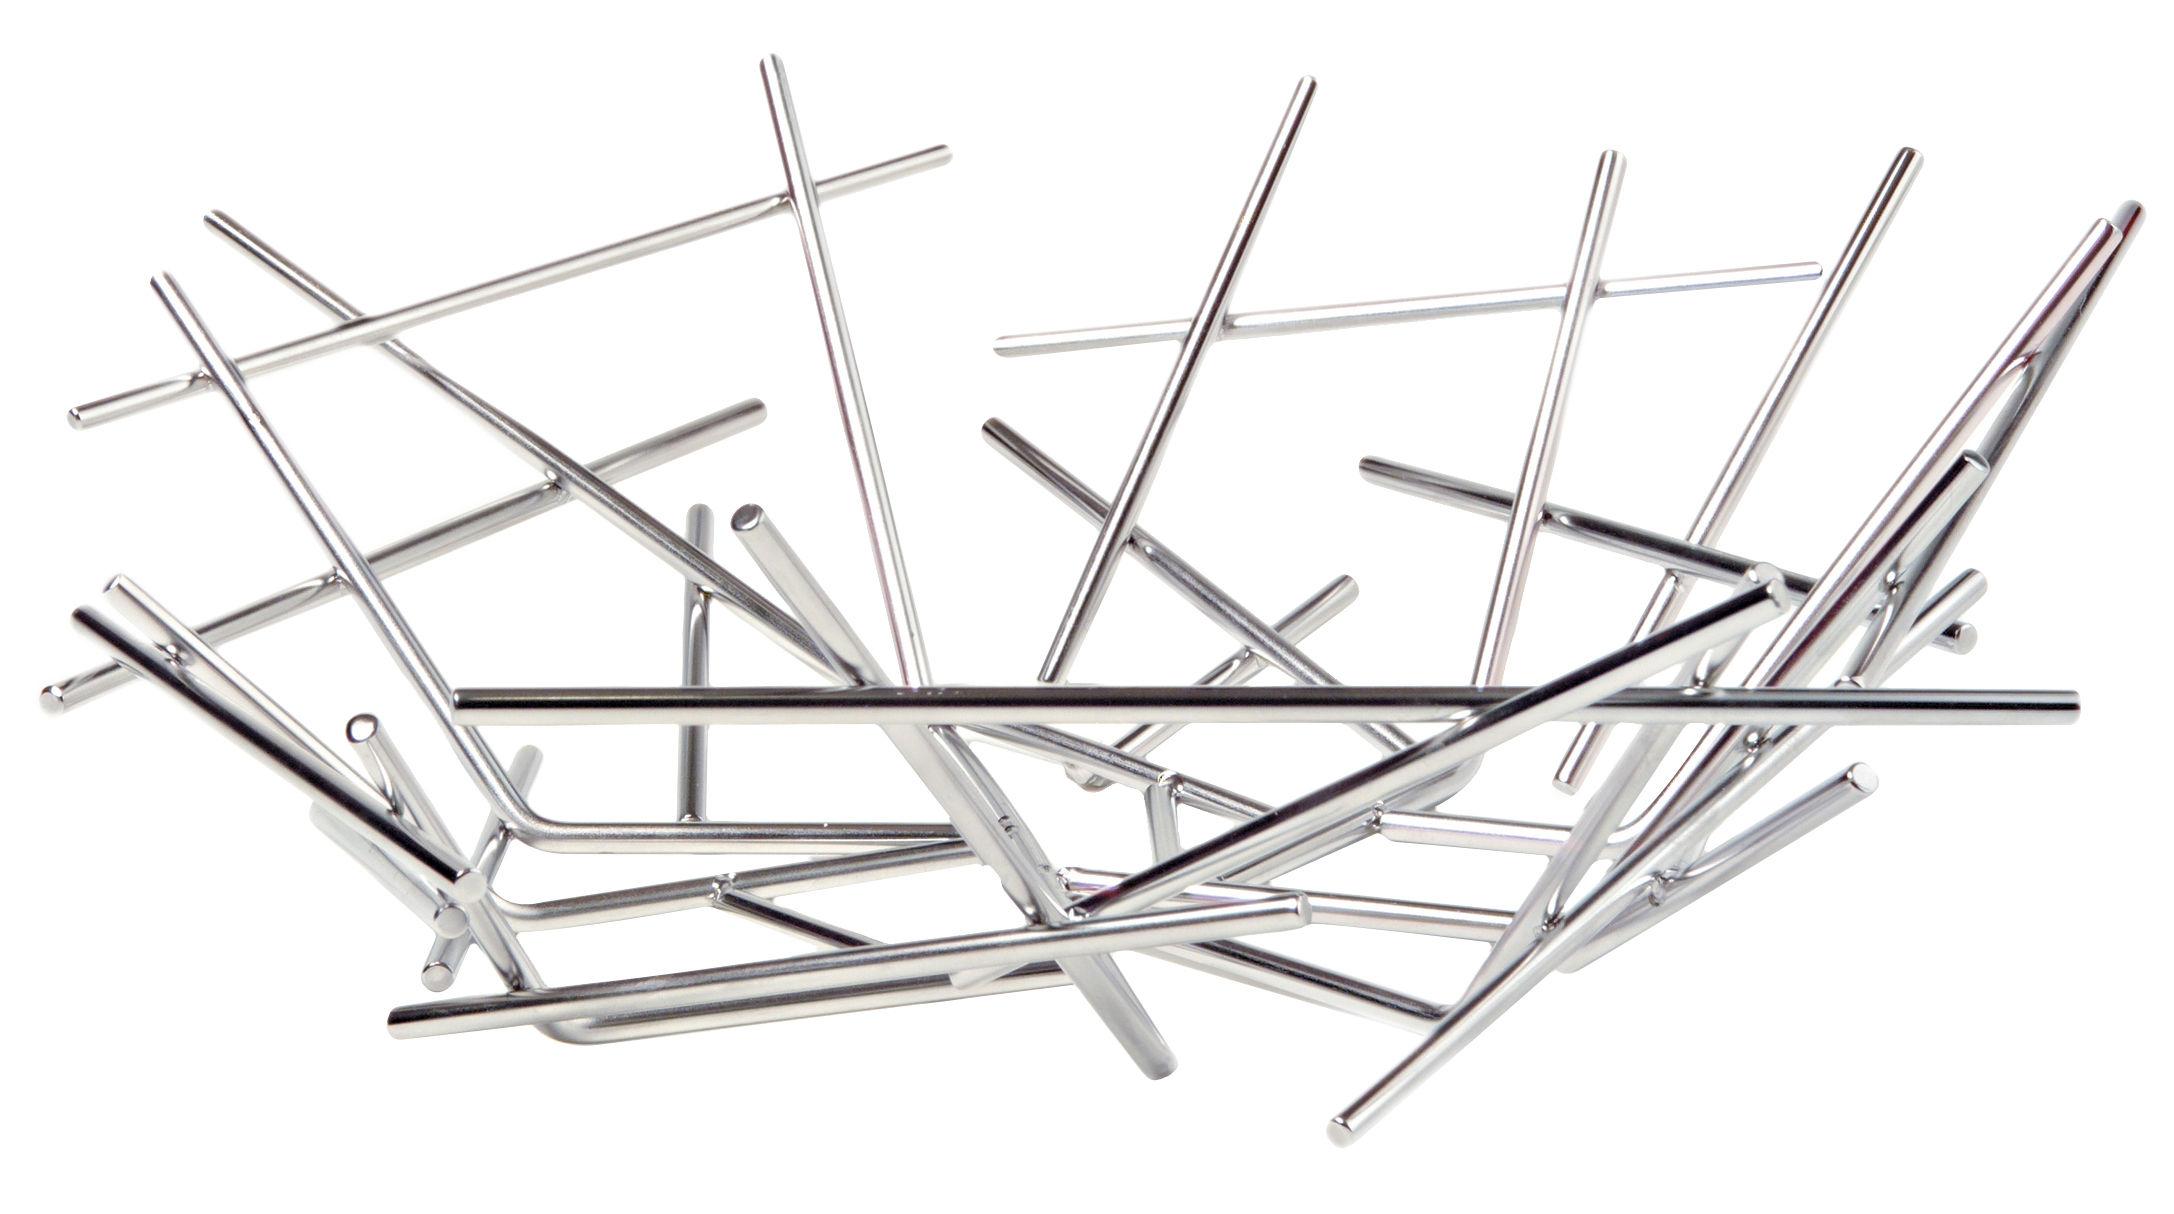 Accessoires - Accessoires salle de bains - Corbeille Blow up / Ø 32 x H 10  cm - Alessi - Acier - Acier inoxydable